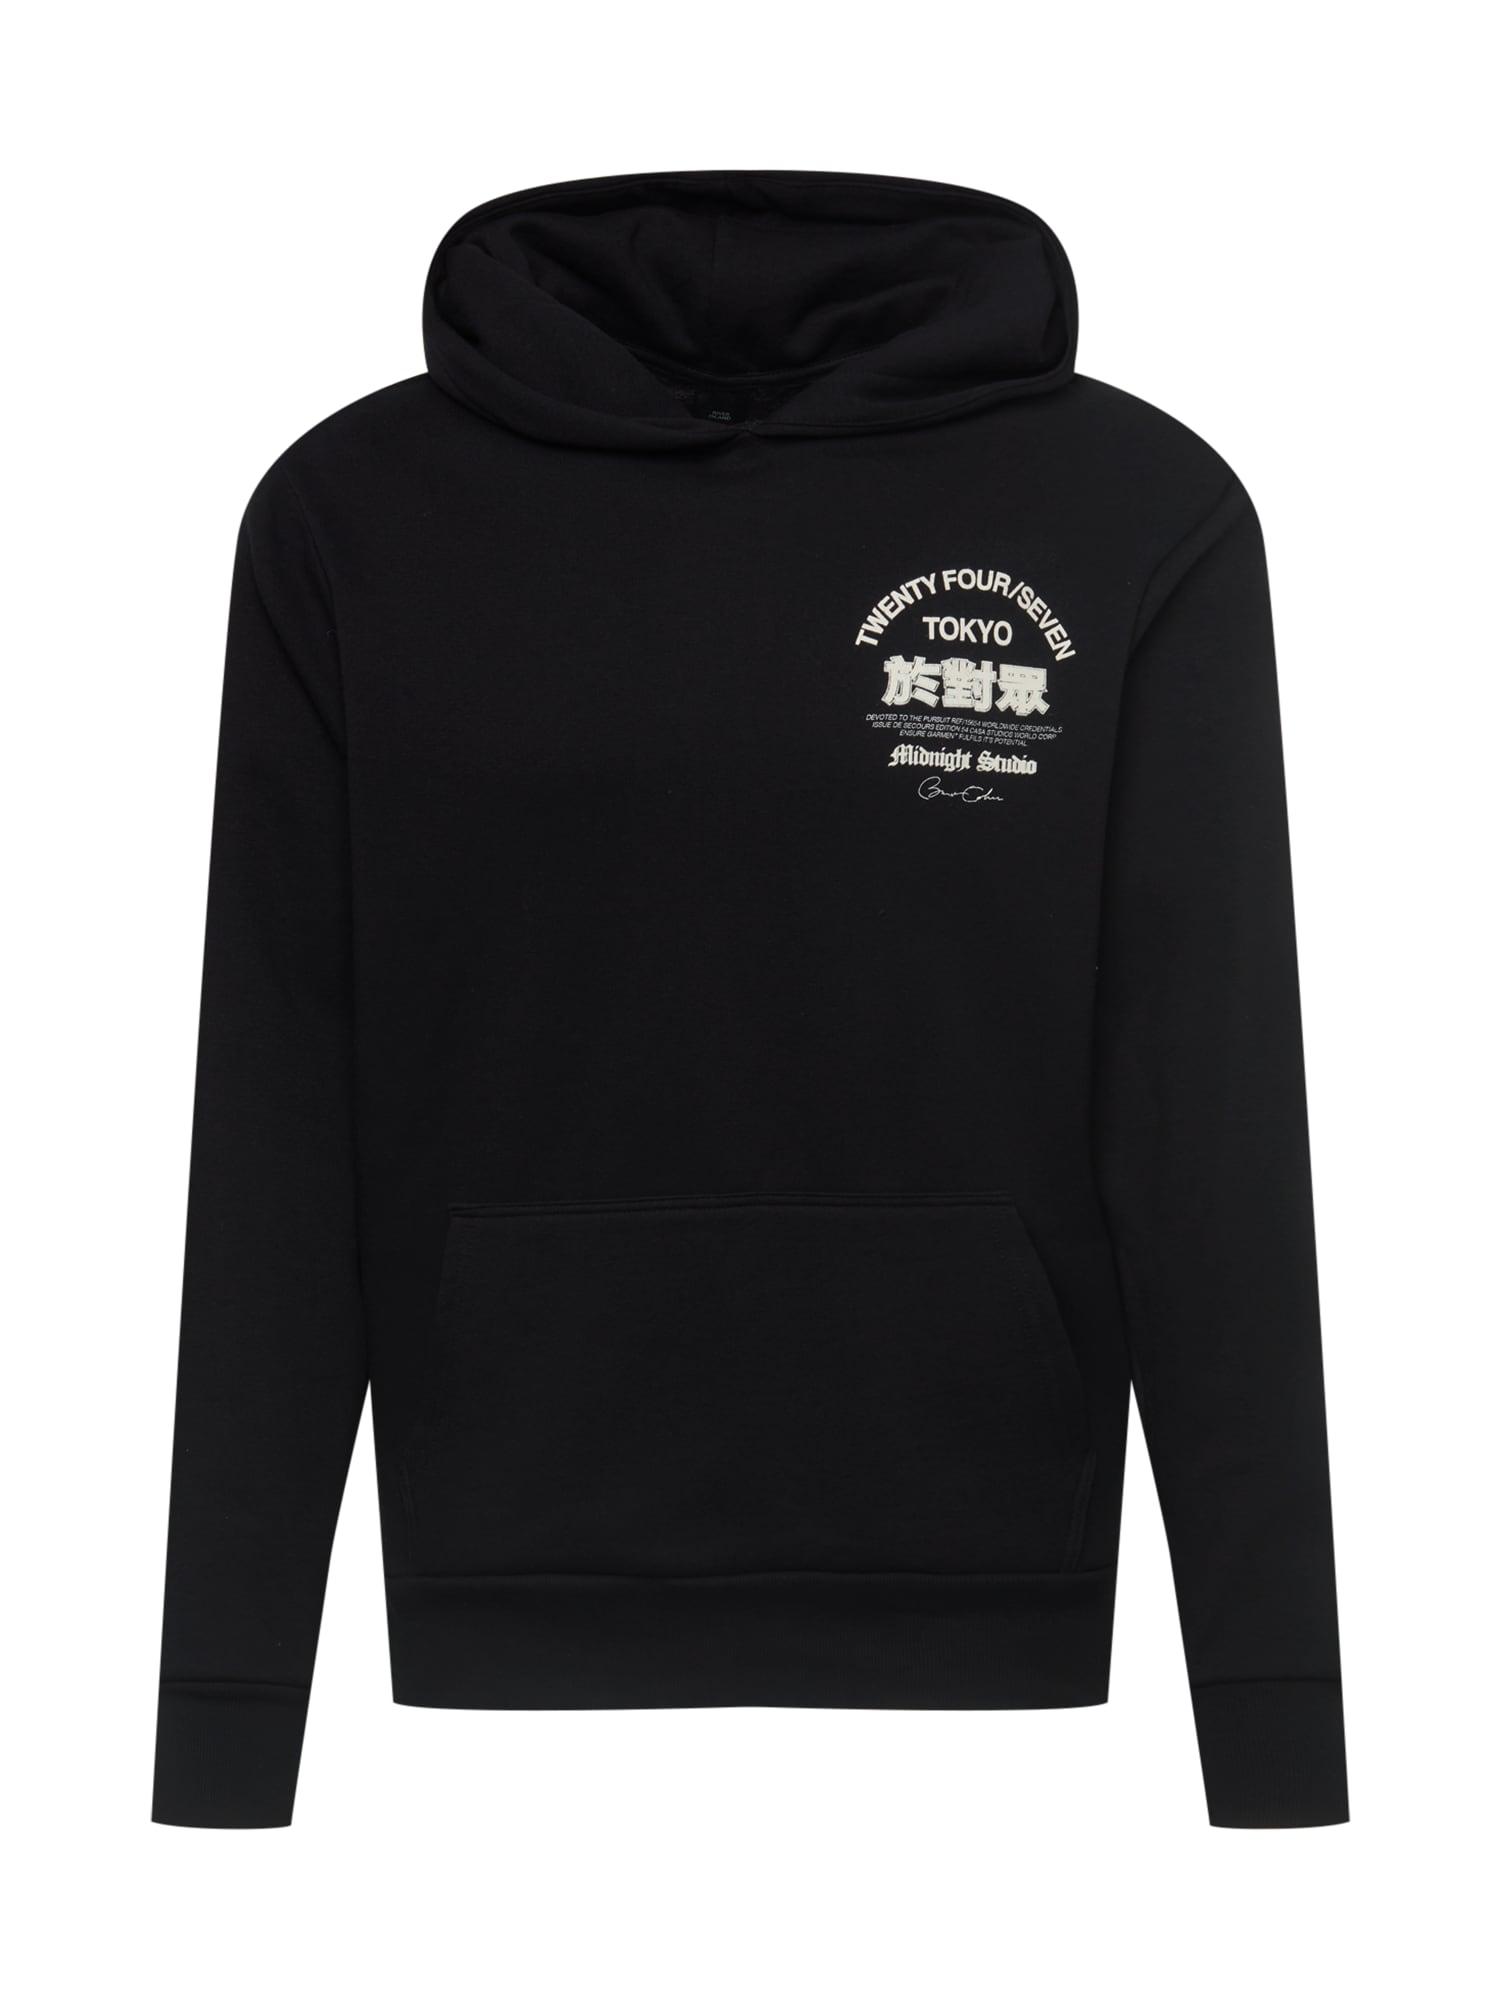 River Island Sweat-shirt 'METROPOLE PARIS'  - Noir - Taille: XL - male